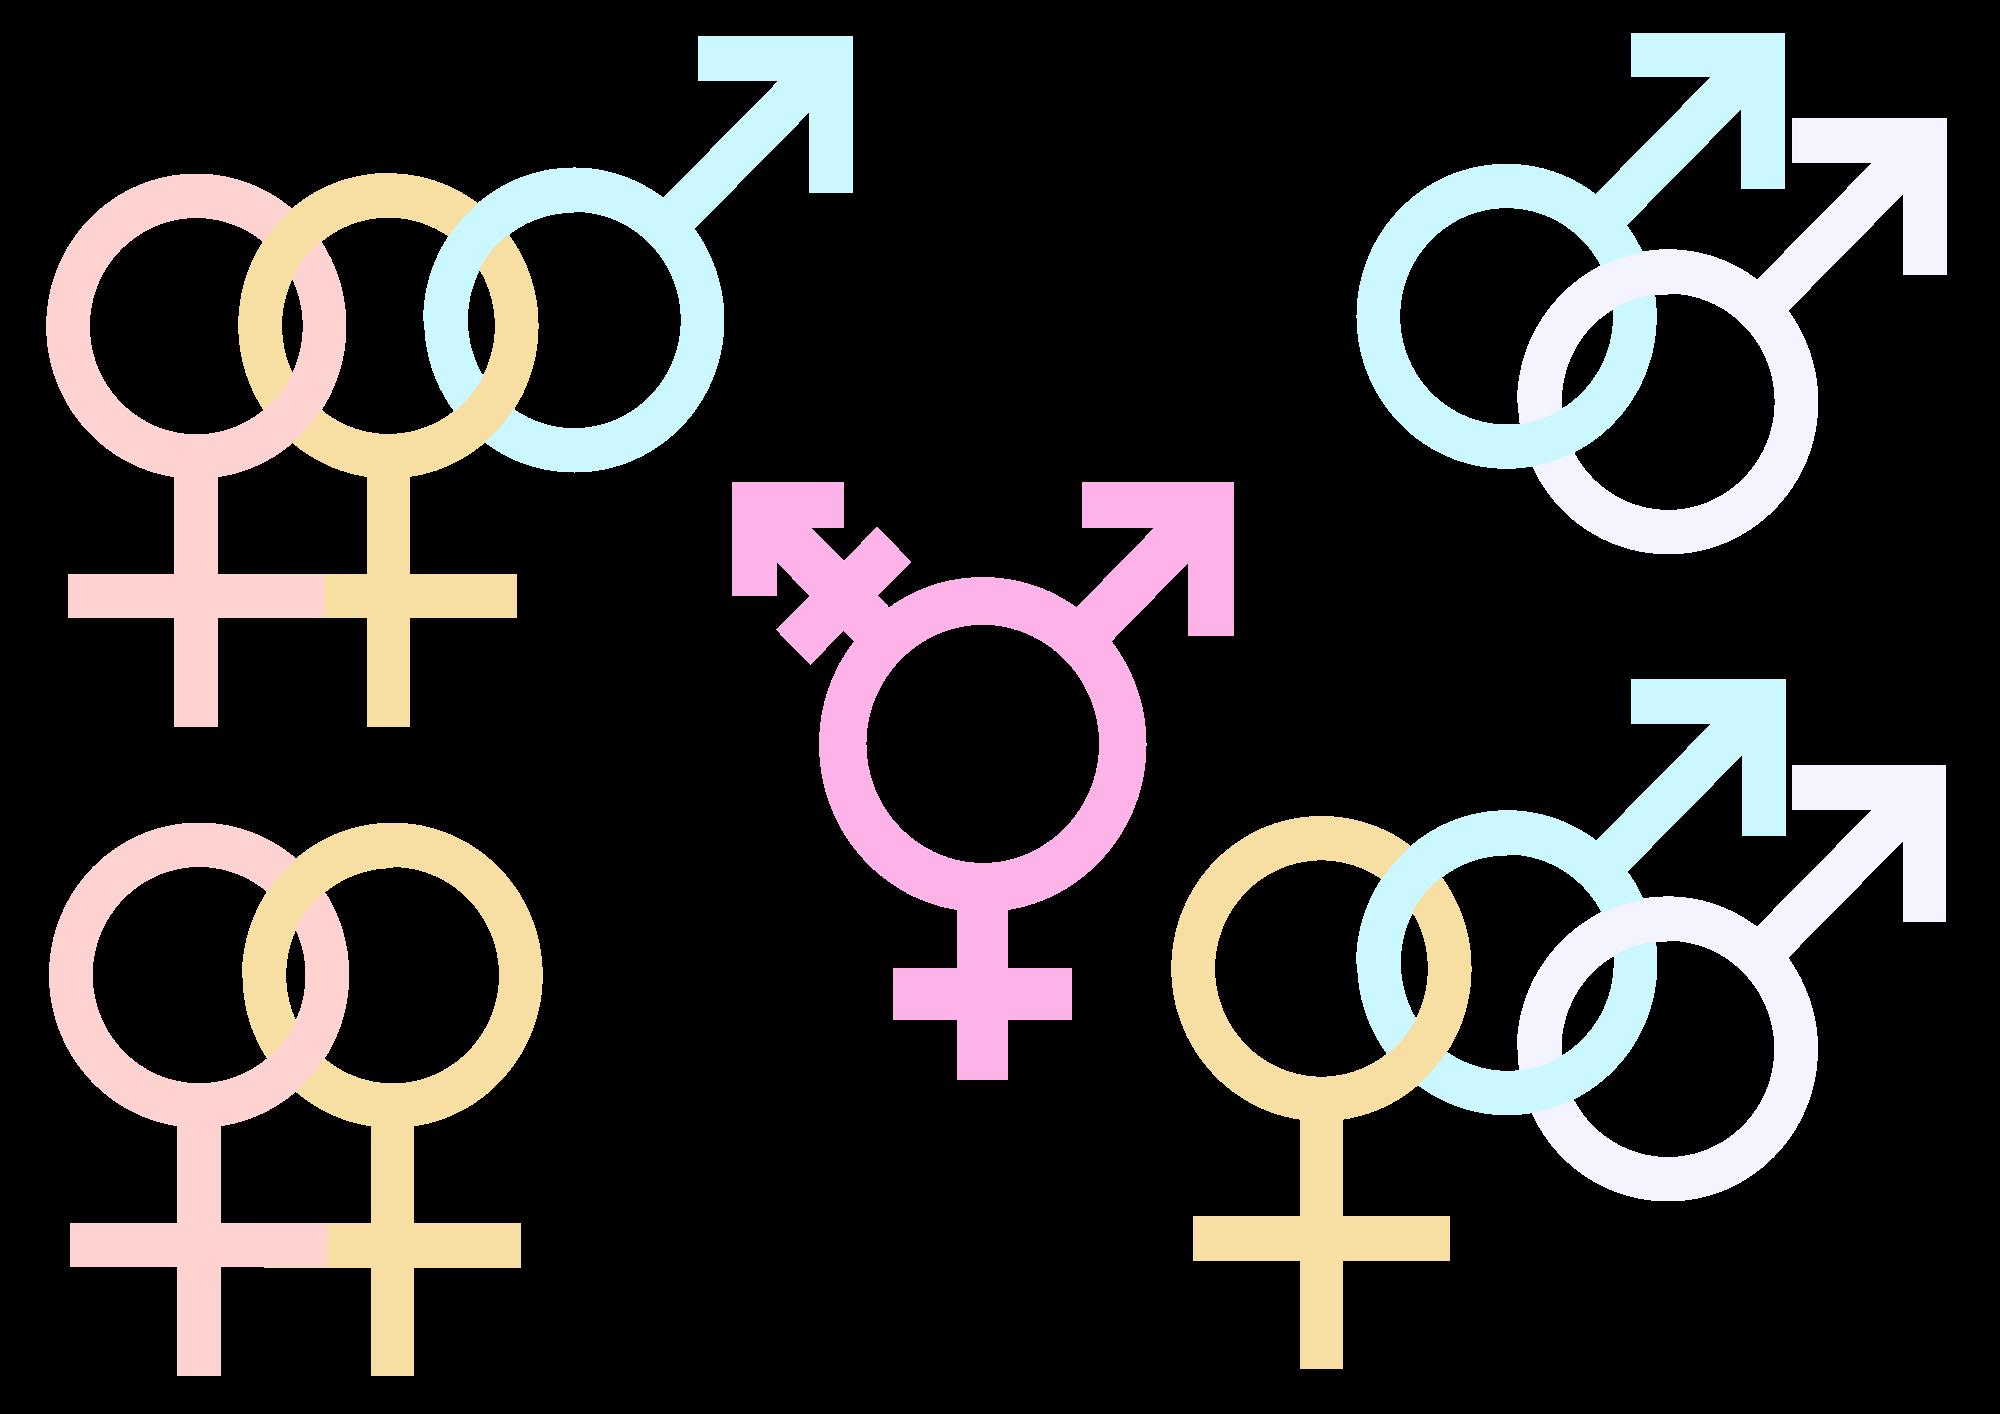 Sesso sessuologia sessuologia clinica sessuali eiaculazione vaginismo vagina psicoterapia